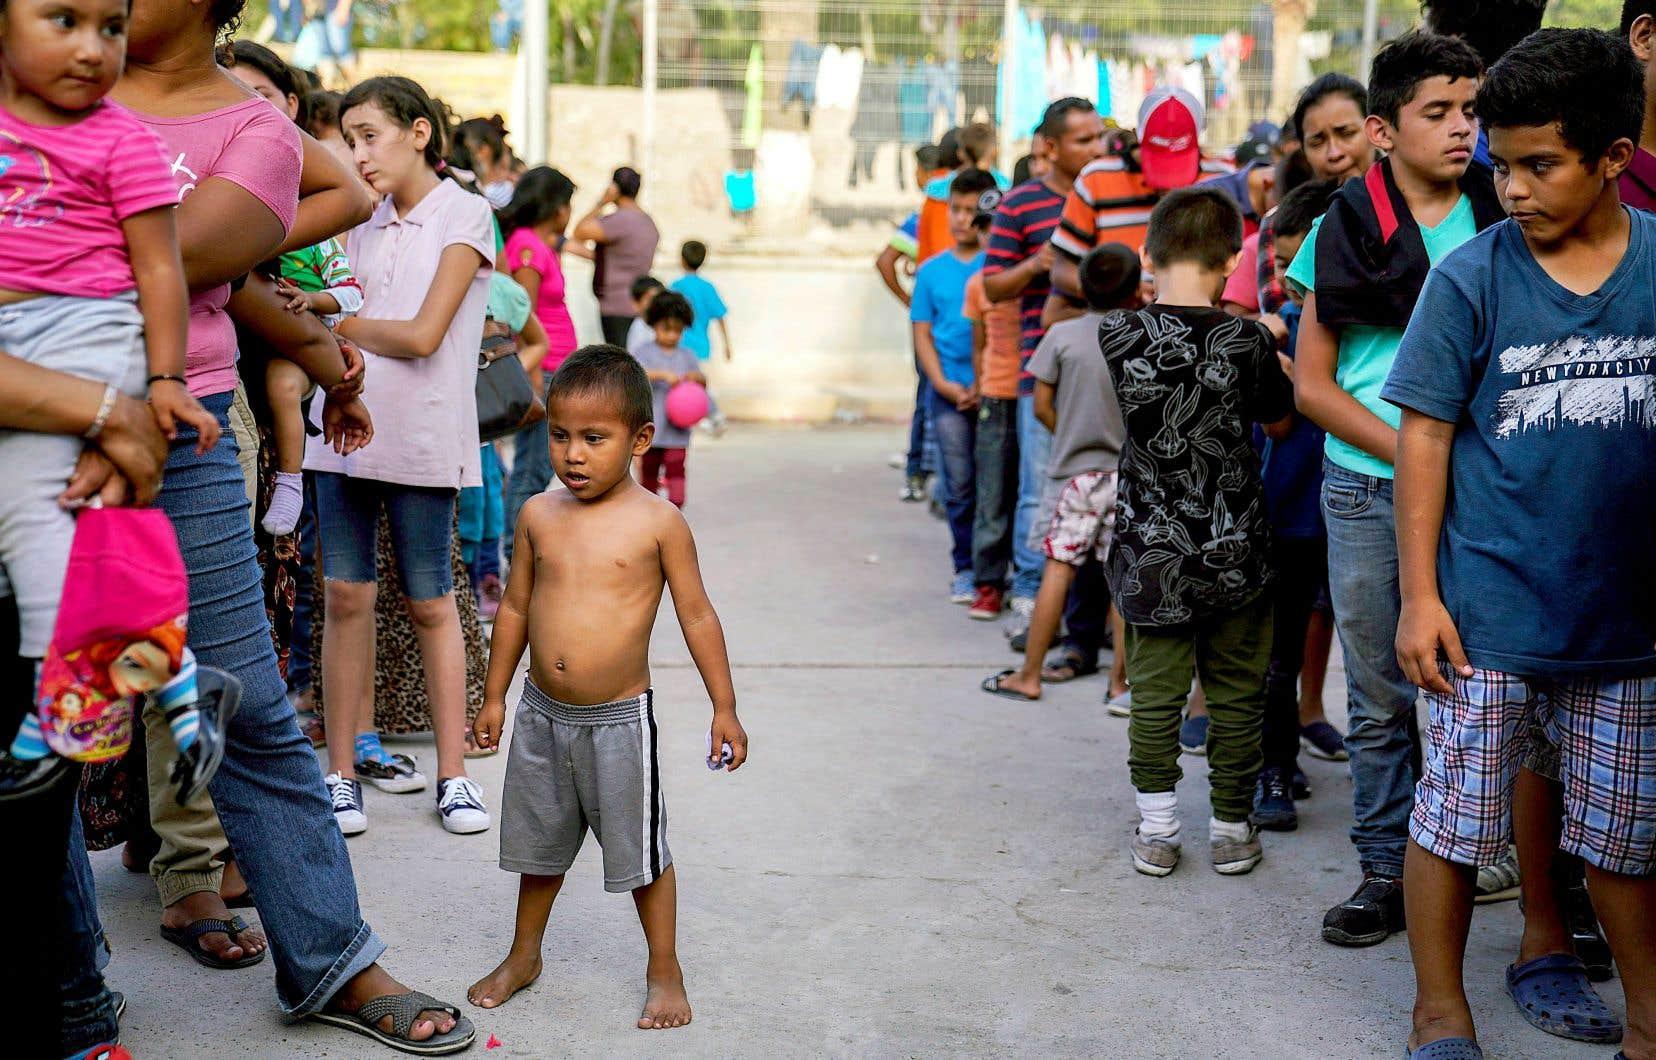 Selon le gouvernement, si le dispositif de contrôle de l'immigration devait être suspendu, «25000 migrants en attente au Mexique se précipiteraient pour entrer aux États-Unis».